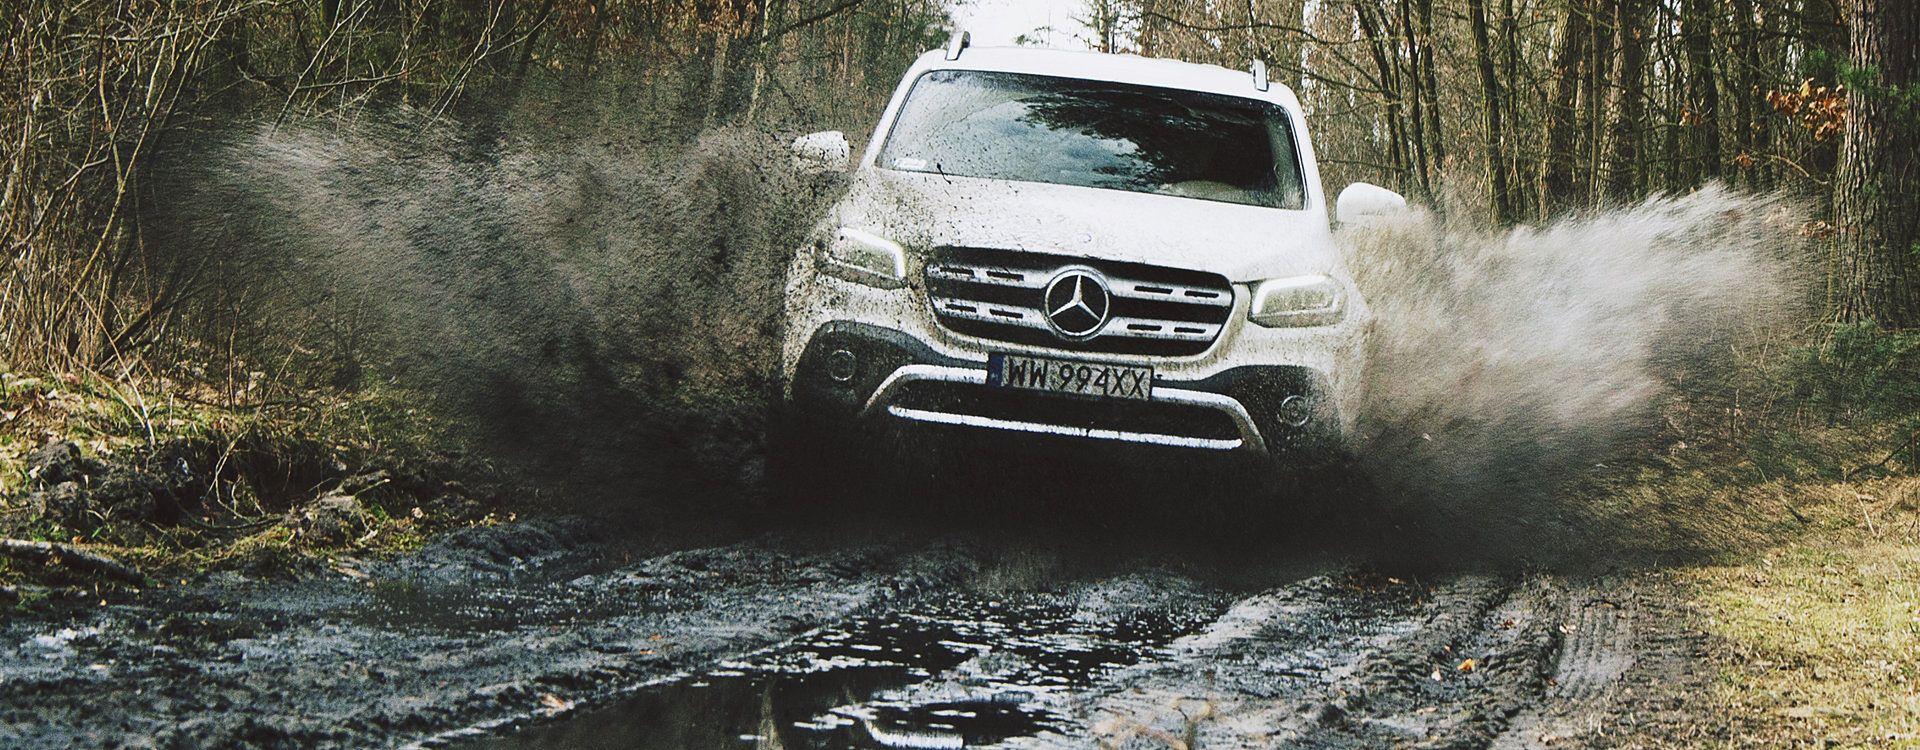 Mercedes Klasy X jest jak czołg w terenie. Czy równie dobrze radzi sobie na szosie?